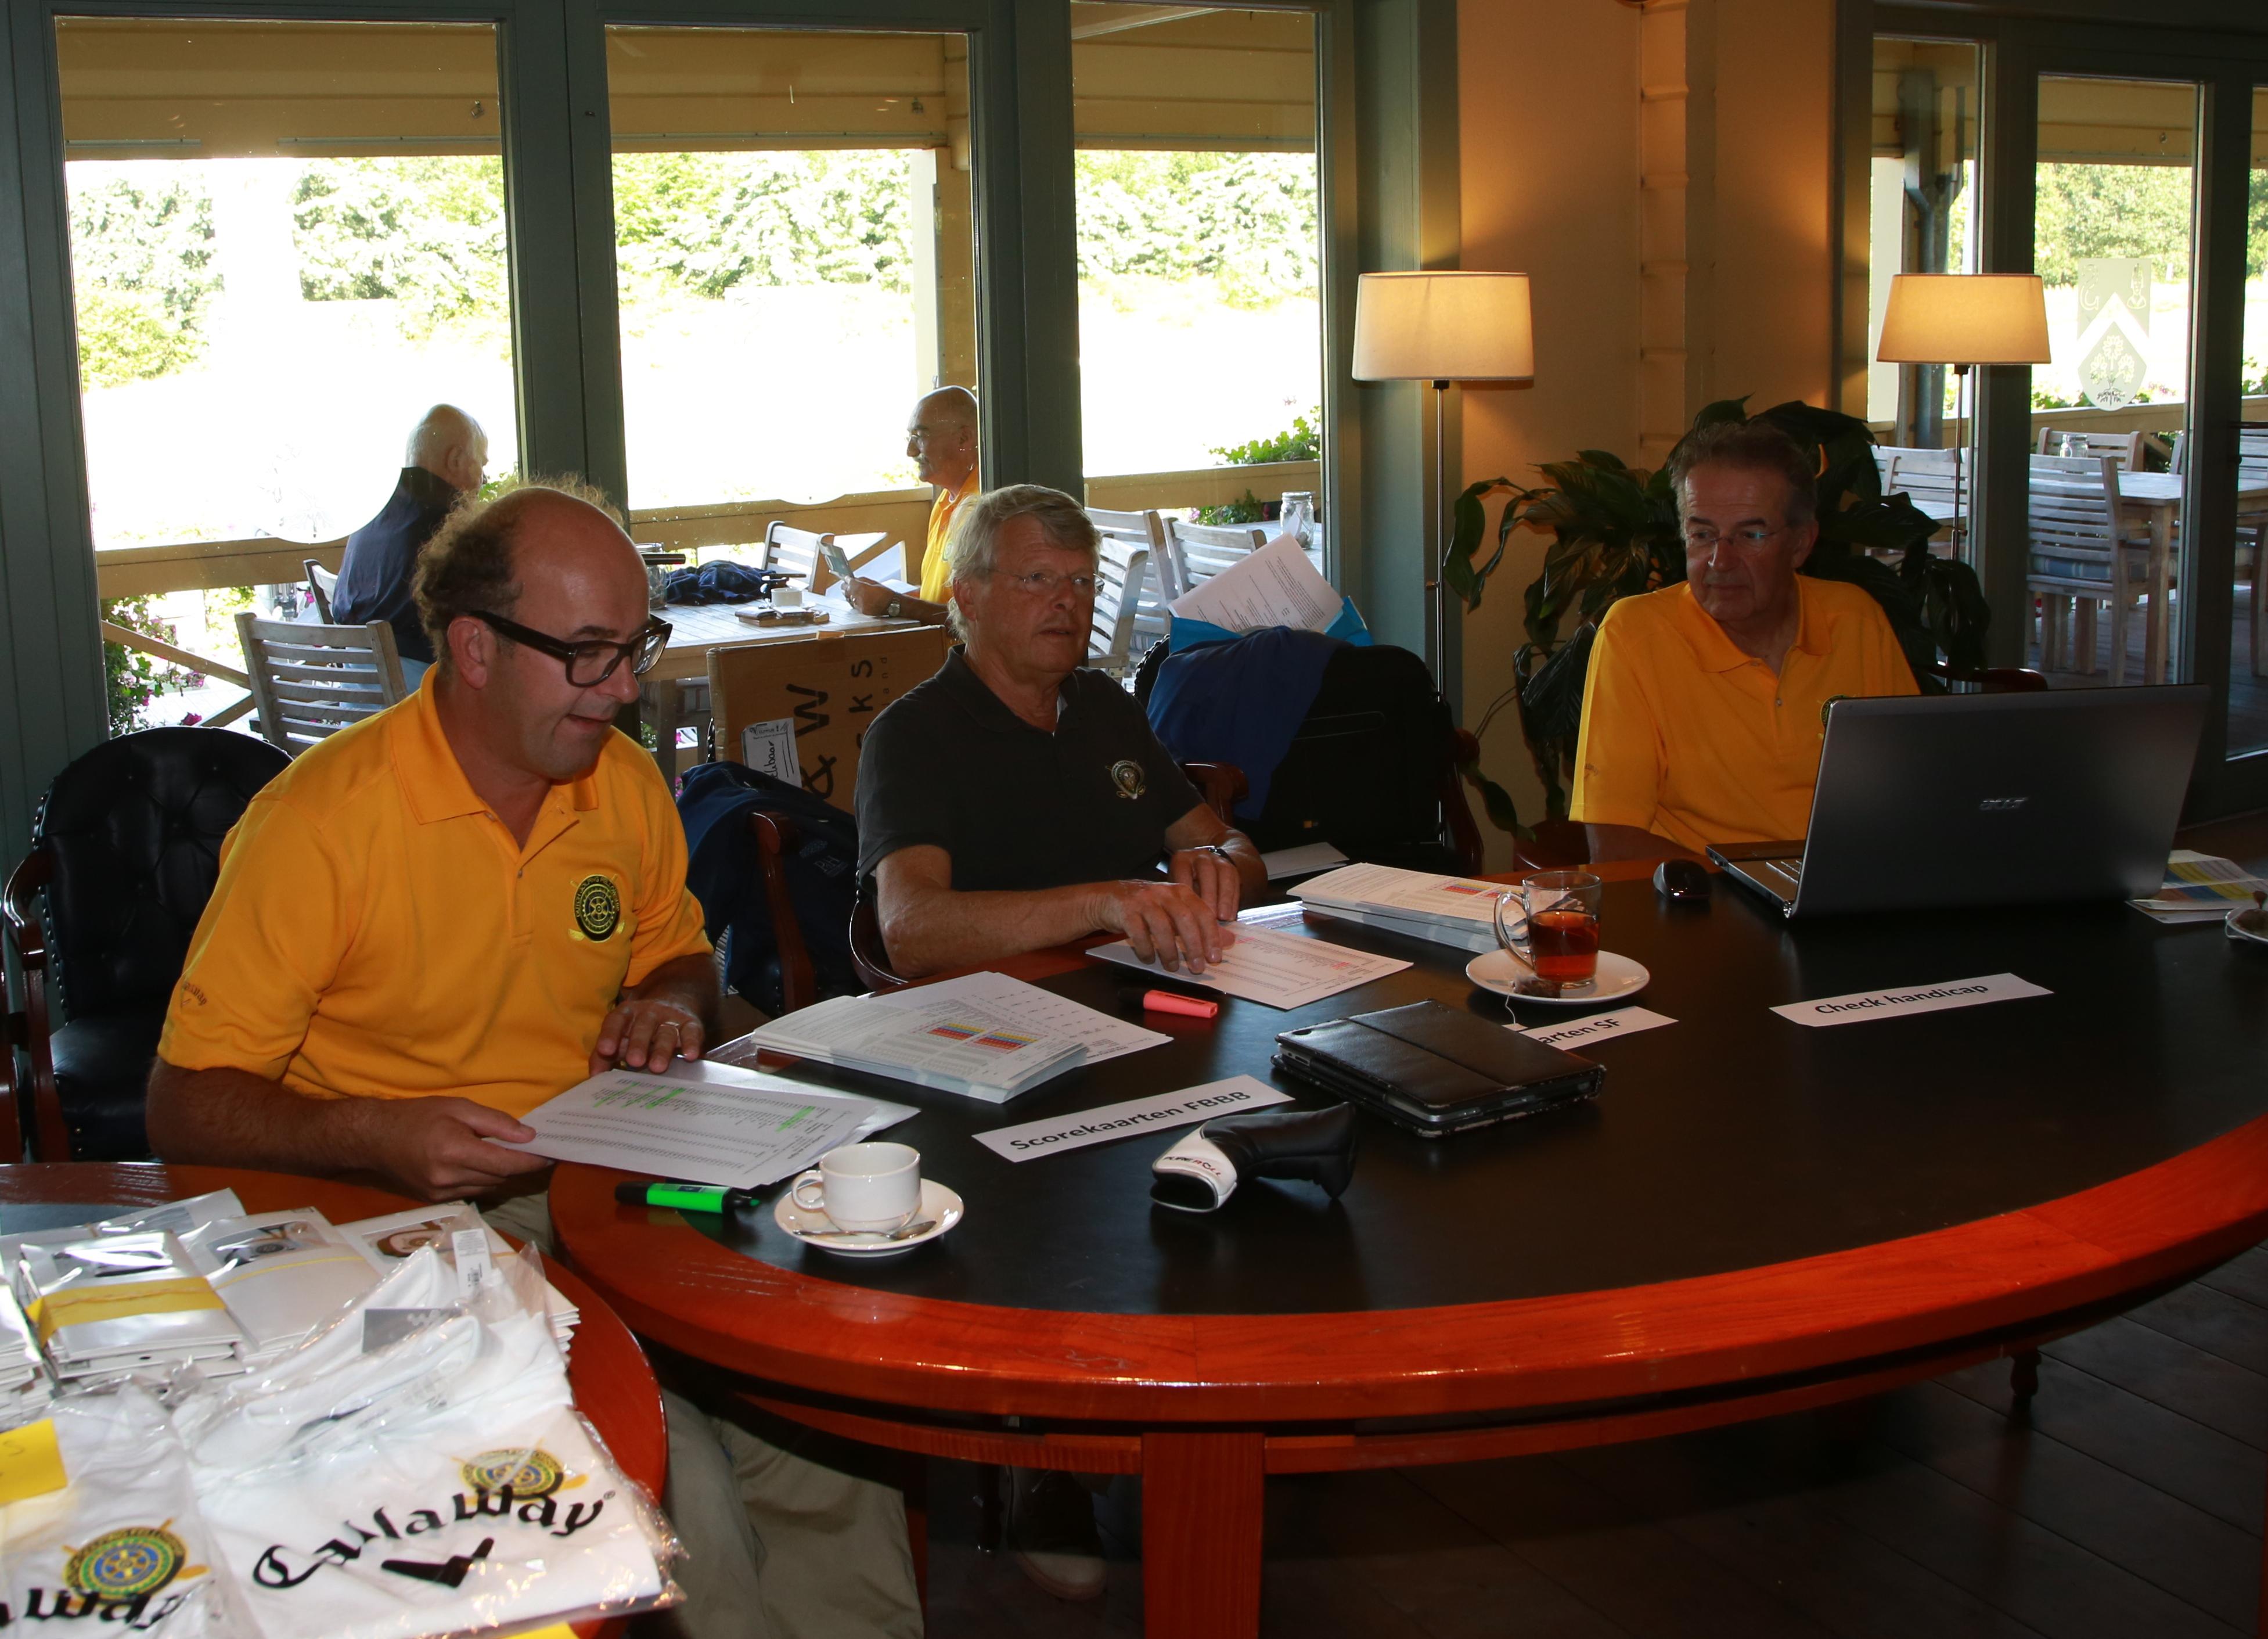 We zijn er klaar voor. vlnr Peter van den Broek, Jan Piet Haasnoot en Bas van Hille.